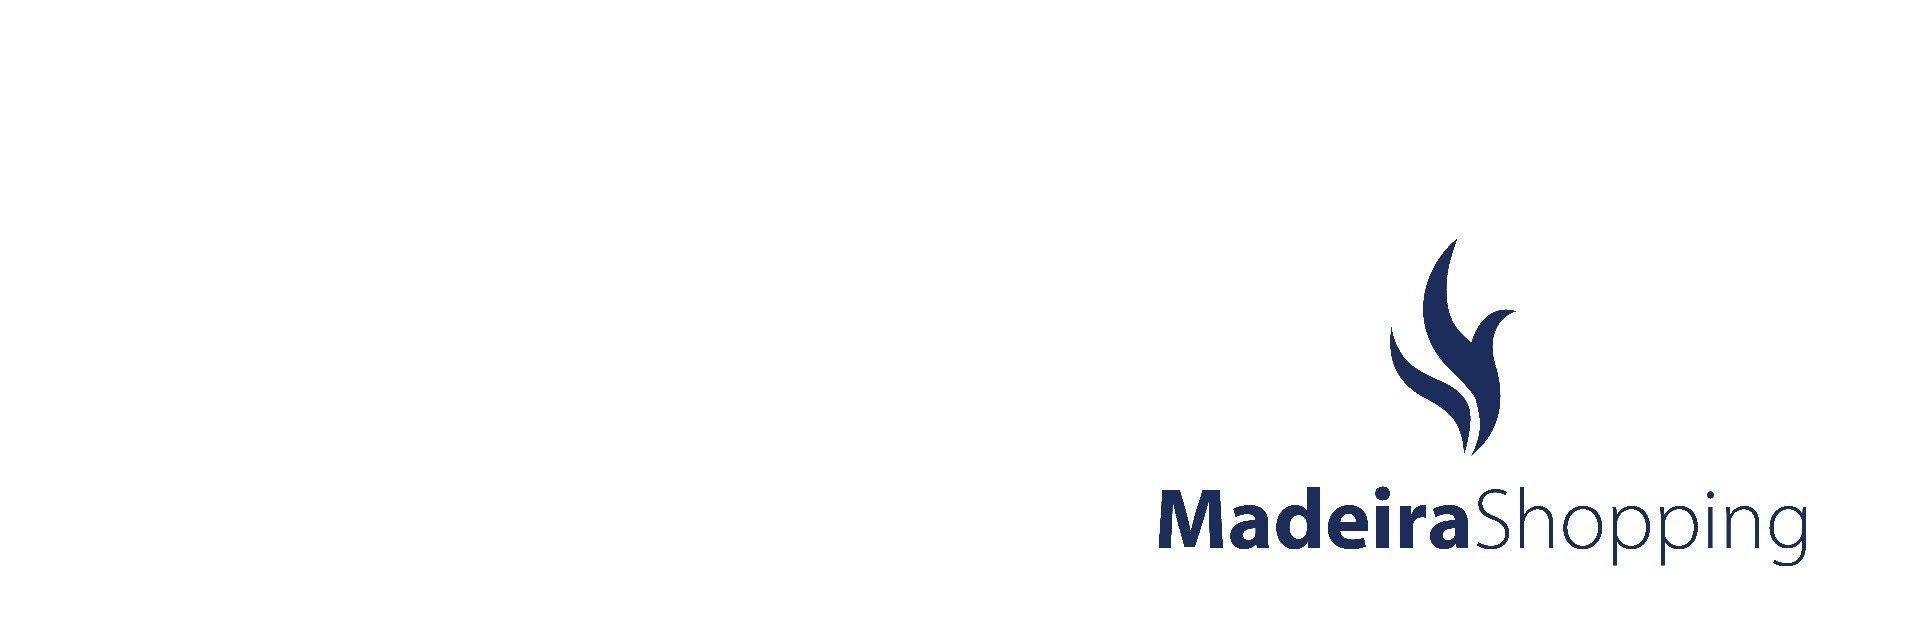 MadeiraShopping celebra 20 anos com uma oferta muito especial para os seus visitantes